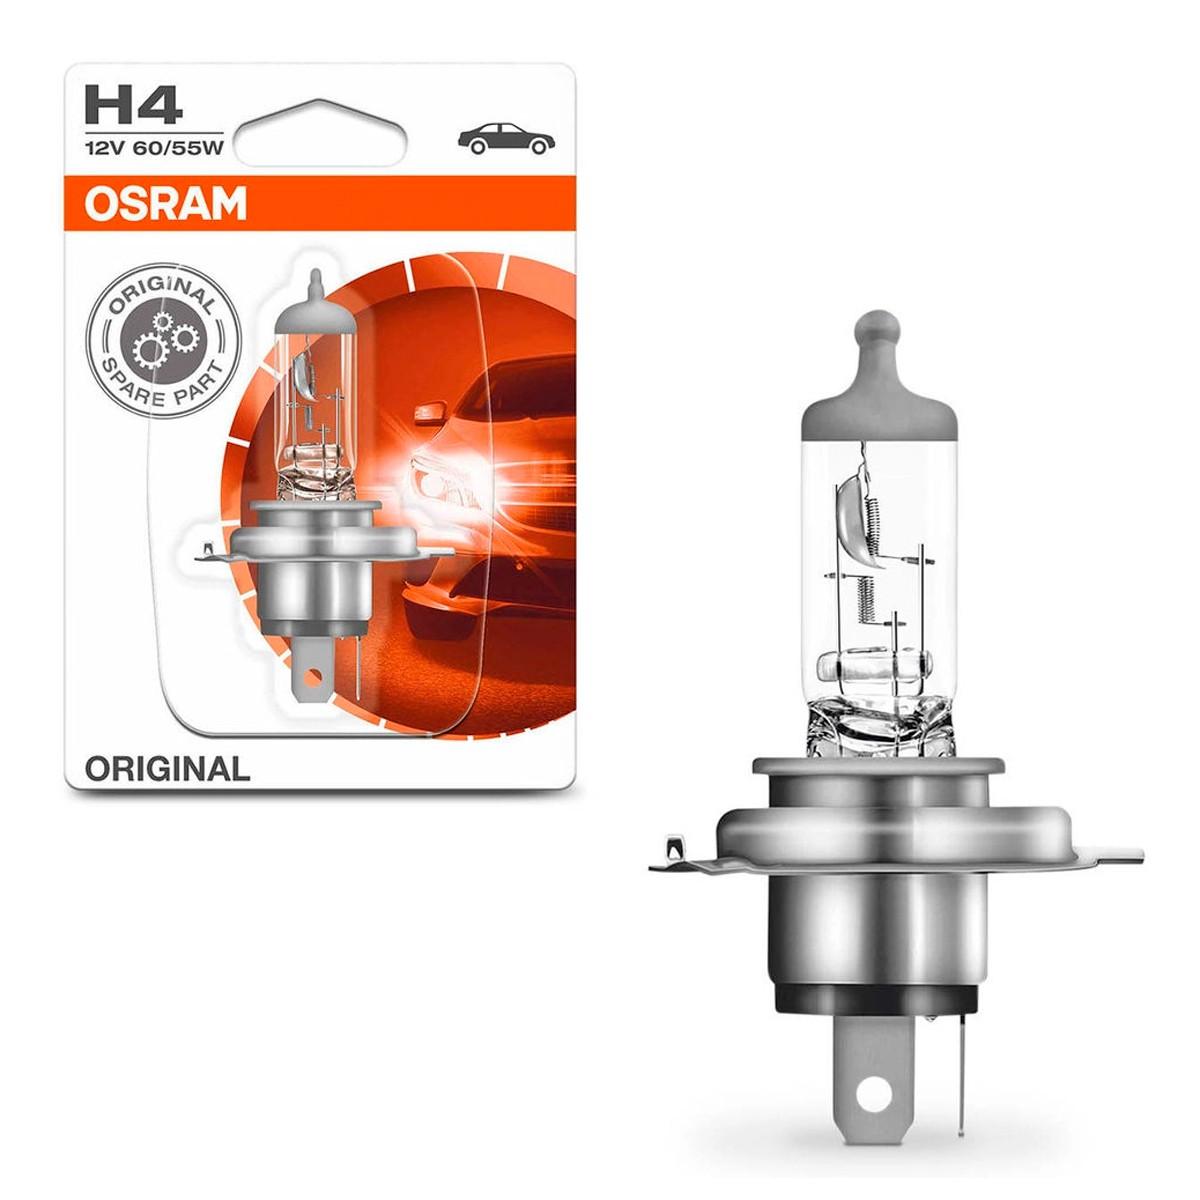 Lâmpada H4 Bilux Osram 12v 60/55w Made In Germany Original